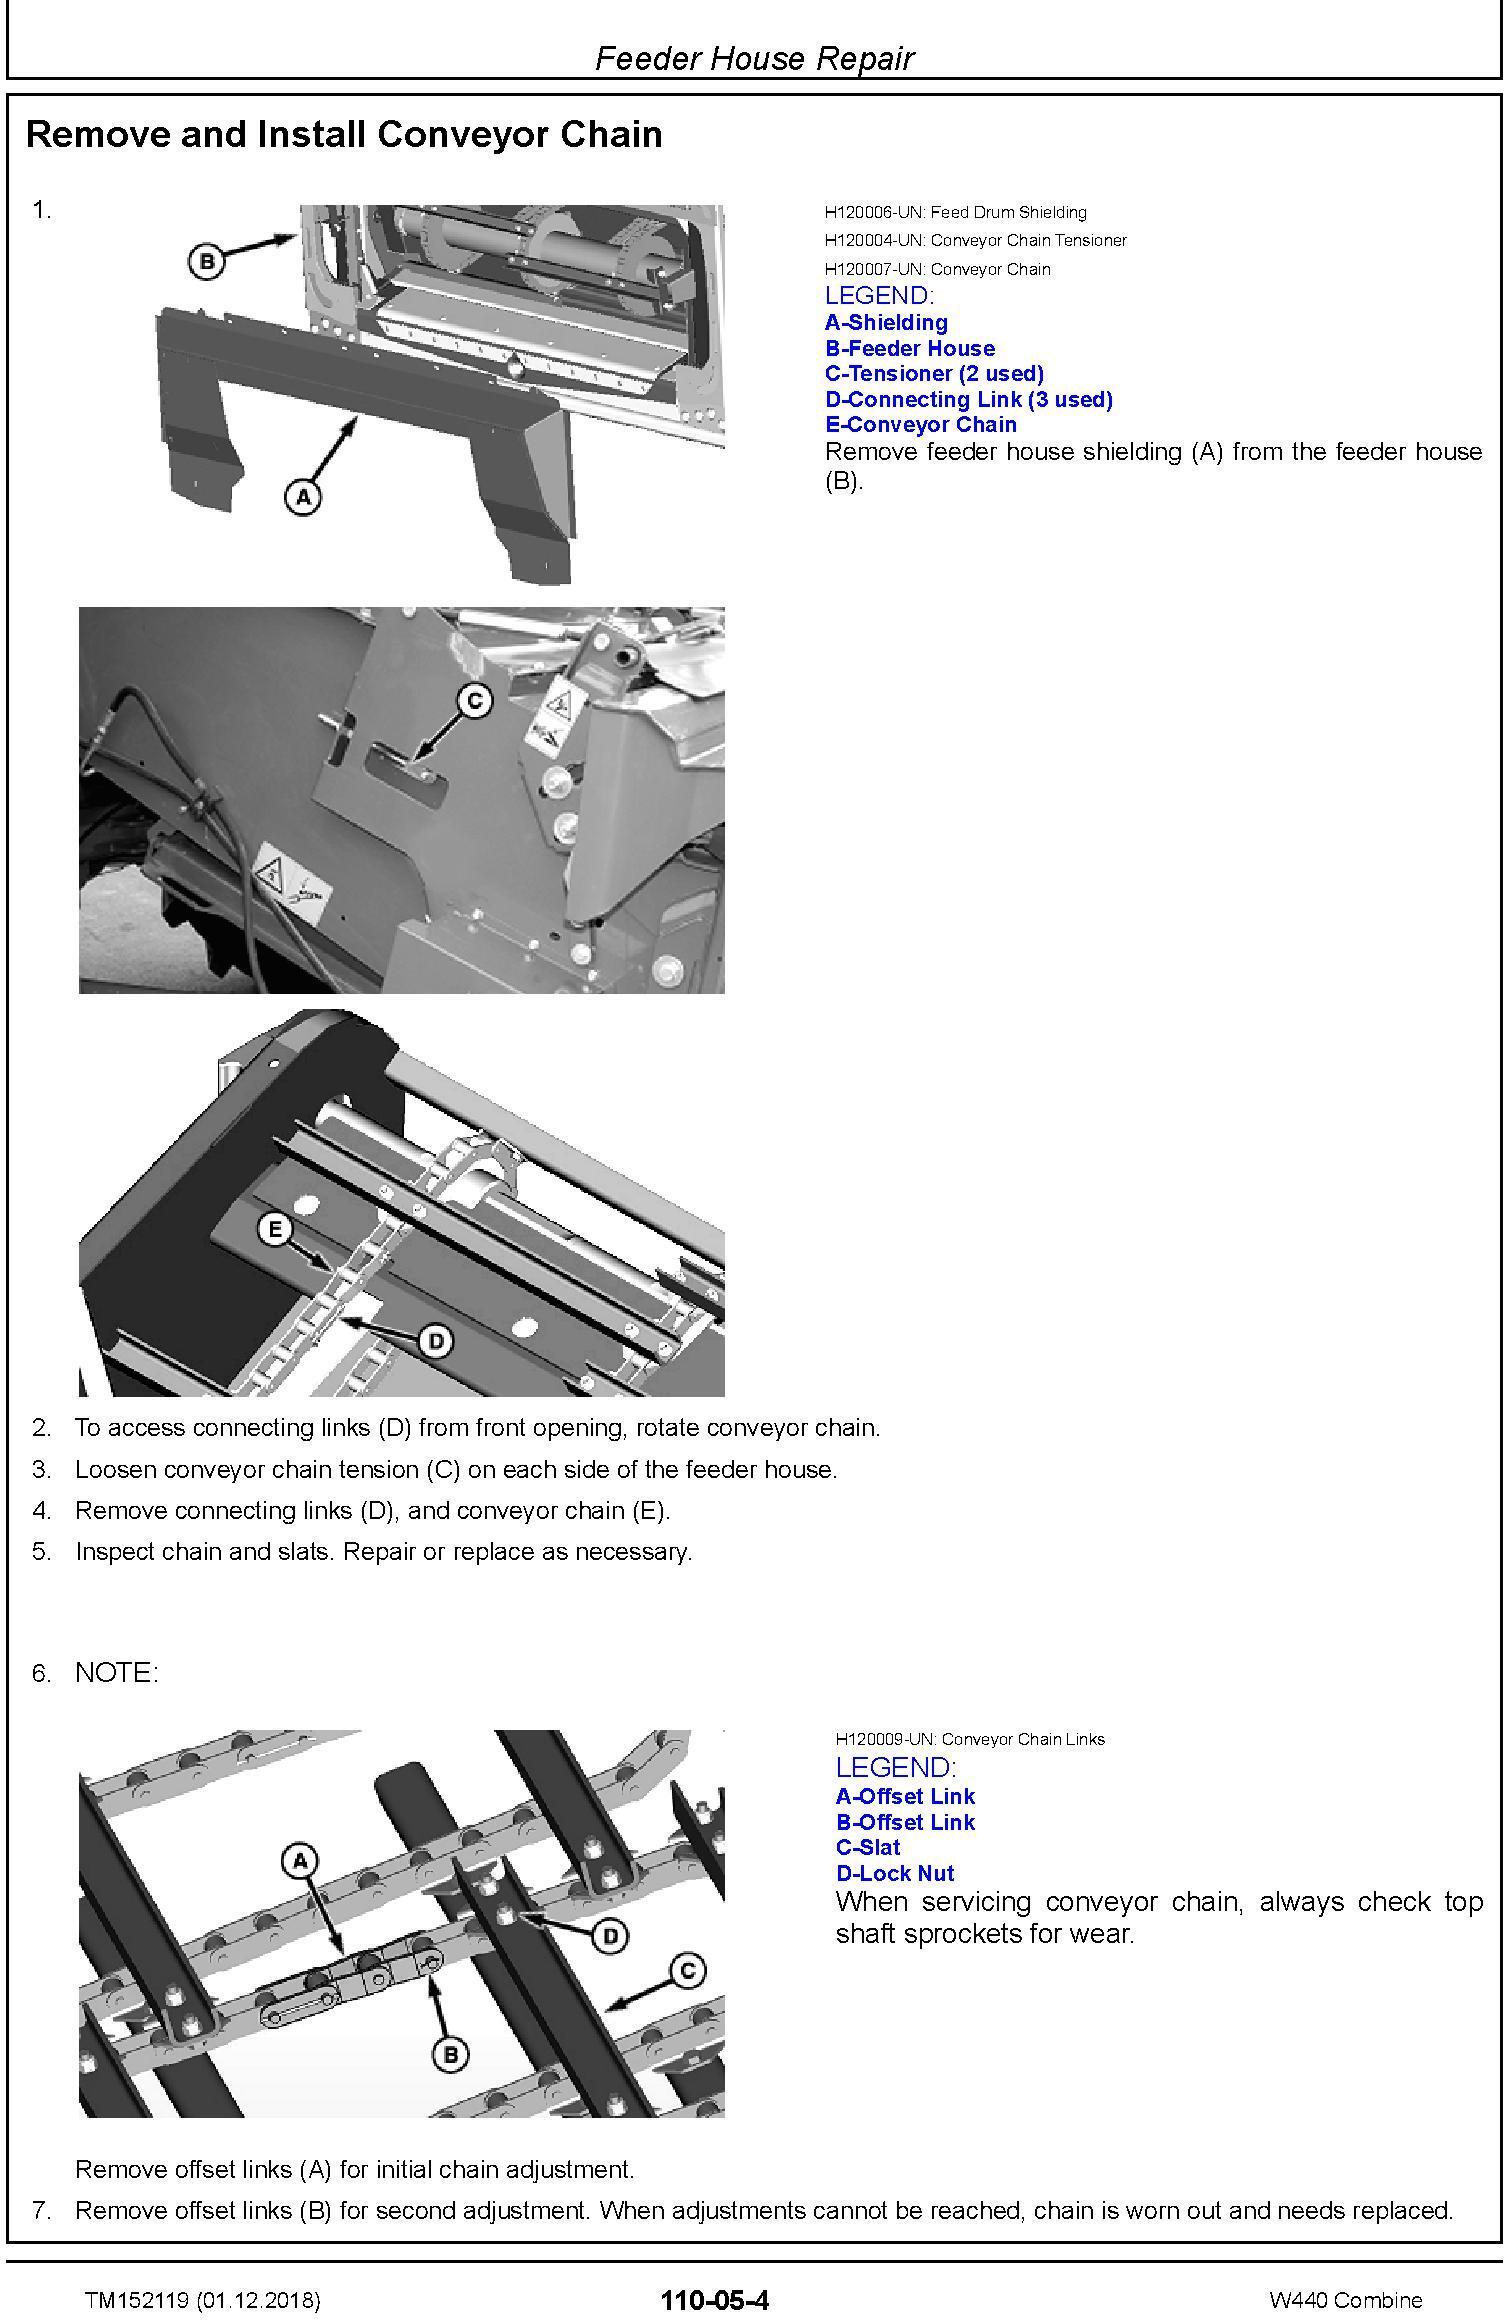 John Deere W440 Combine (SN.700949-) Repair Technical Manual (TM152119) - 3